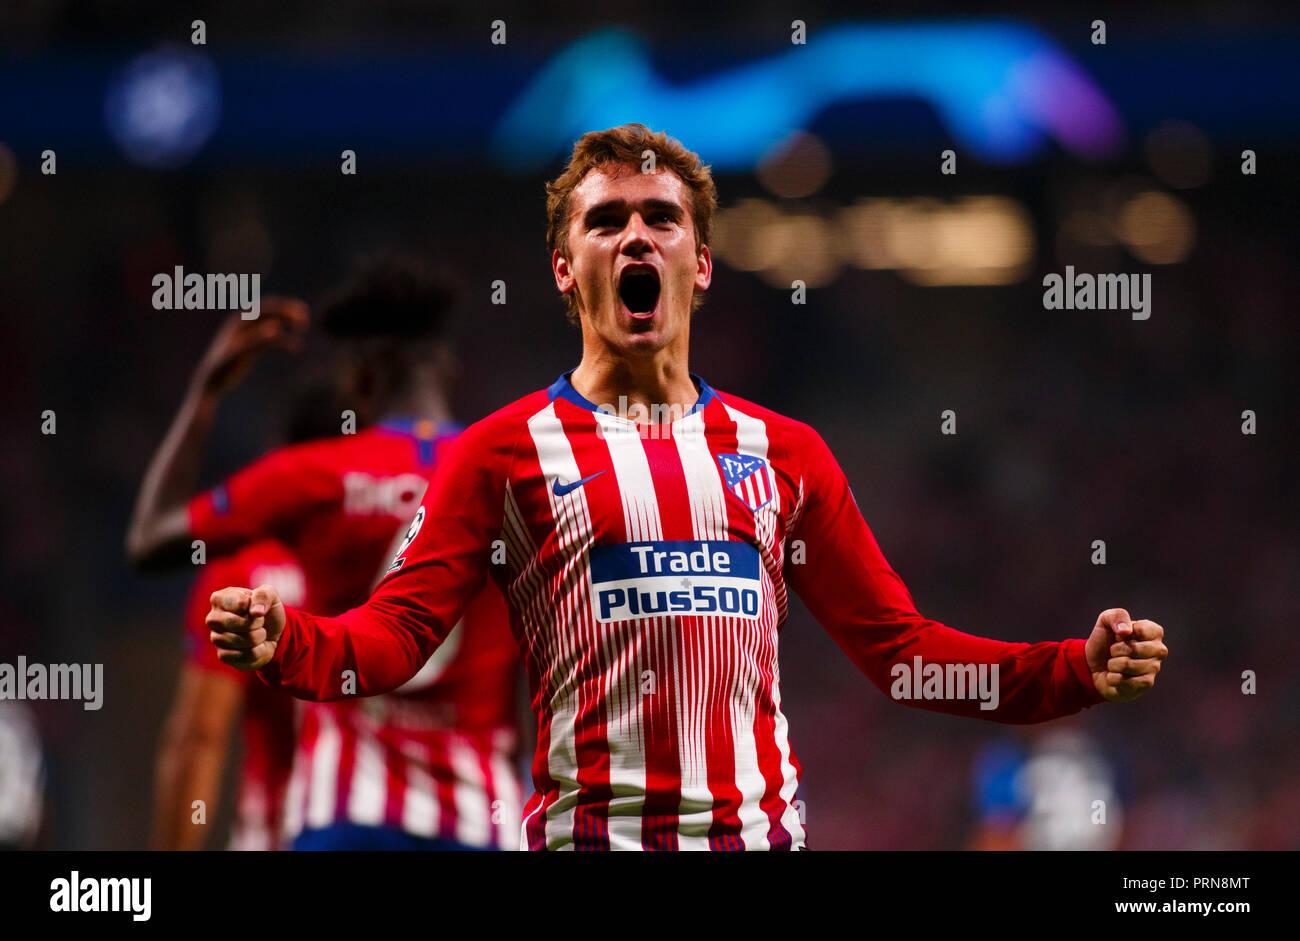 reputable site df327 0bcde Antoine Griezmann of Atletico de Madrid celebrates a goal ...